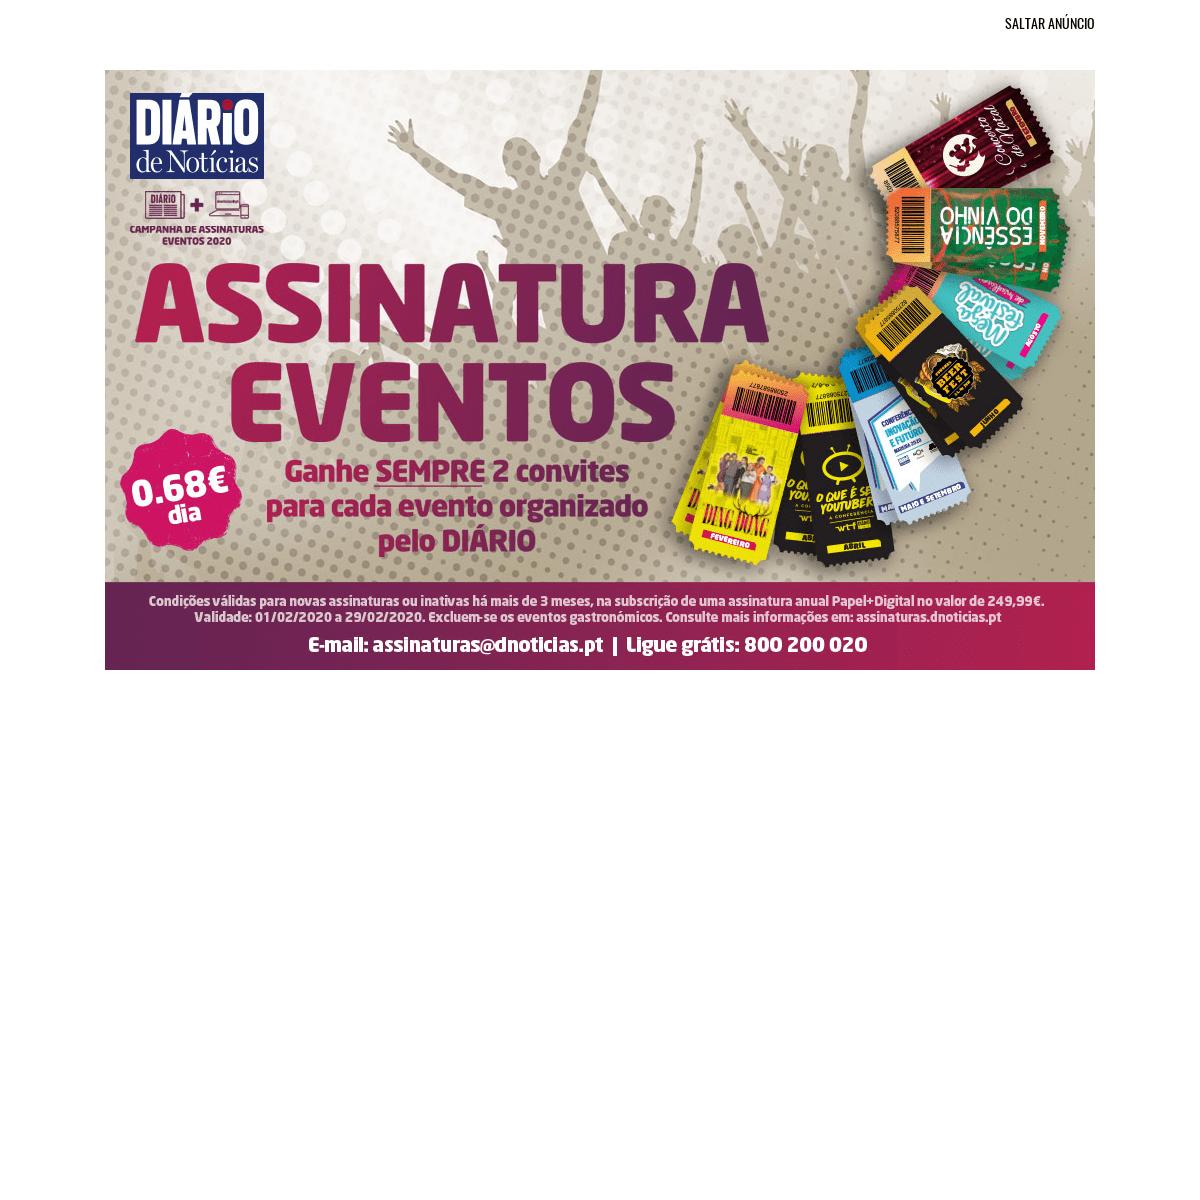 ArchiveBay.com - www.dnoticias.pt/madeira/porto-santo-assinala-dia-internacional-da-luta-contra-o-cancro-IC5756974 - Porto Santo assinala Dia Internacional da Luta contra o Cancro